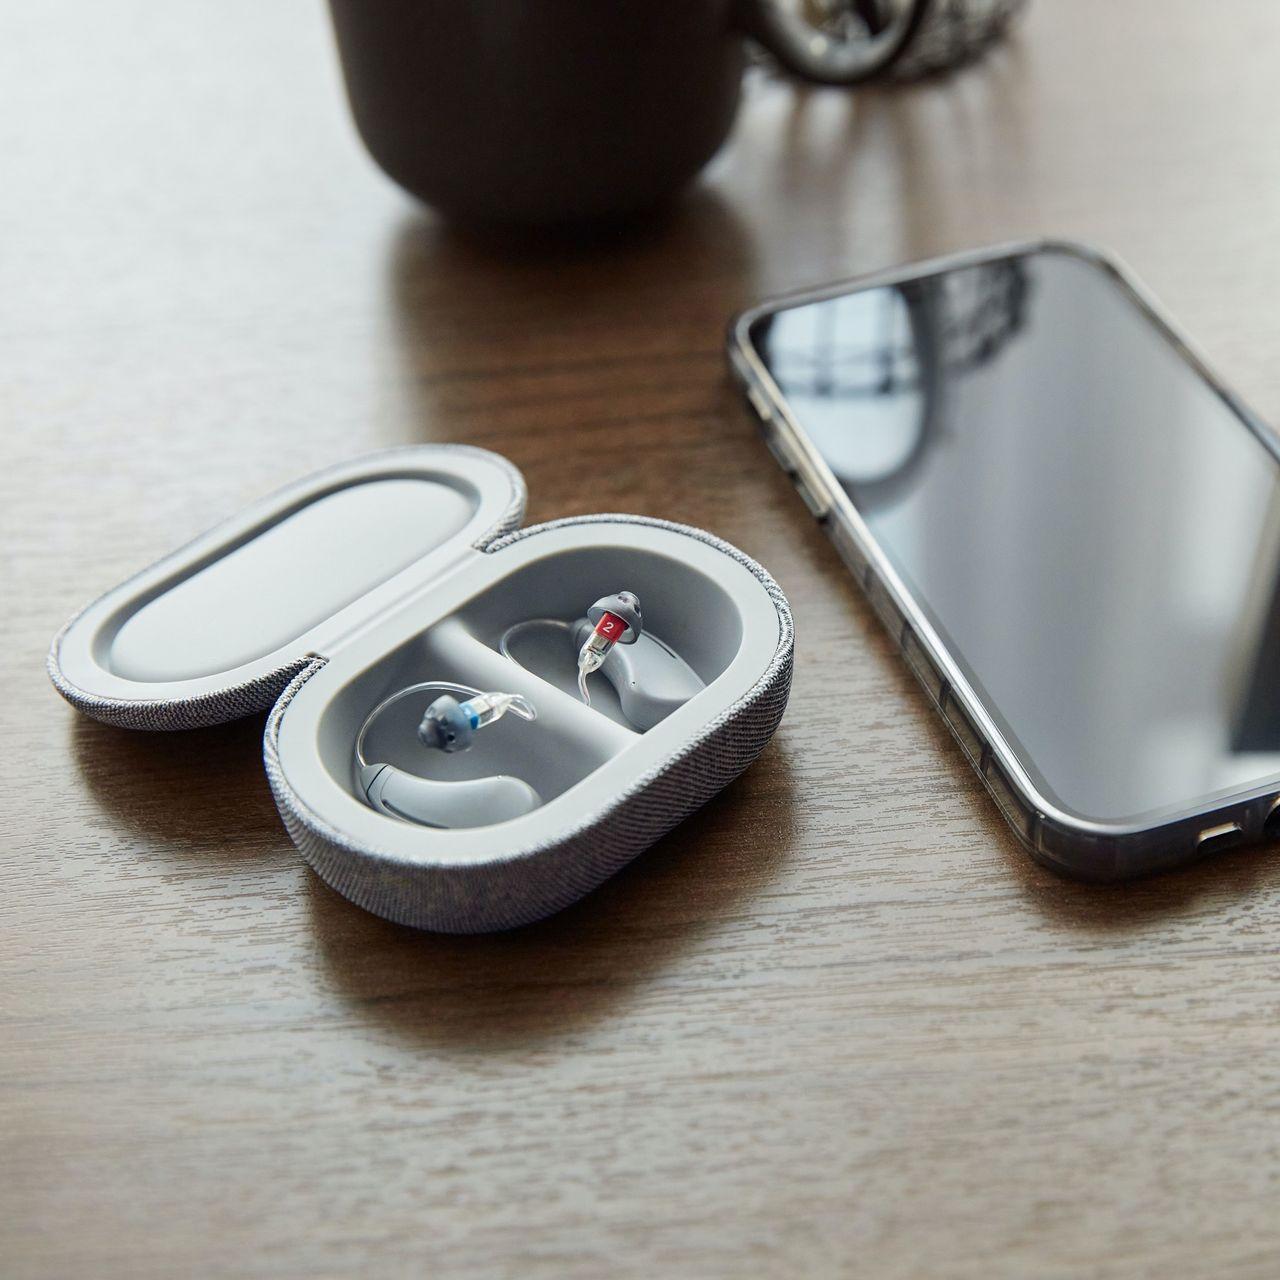 Bose släpper hörapparat